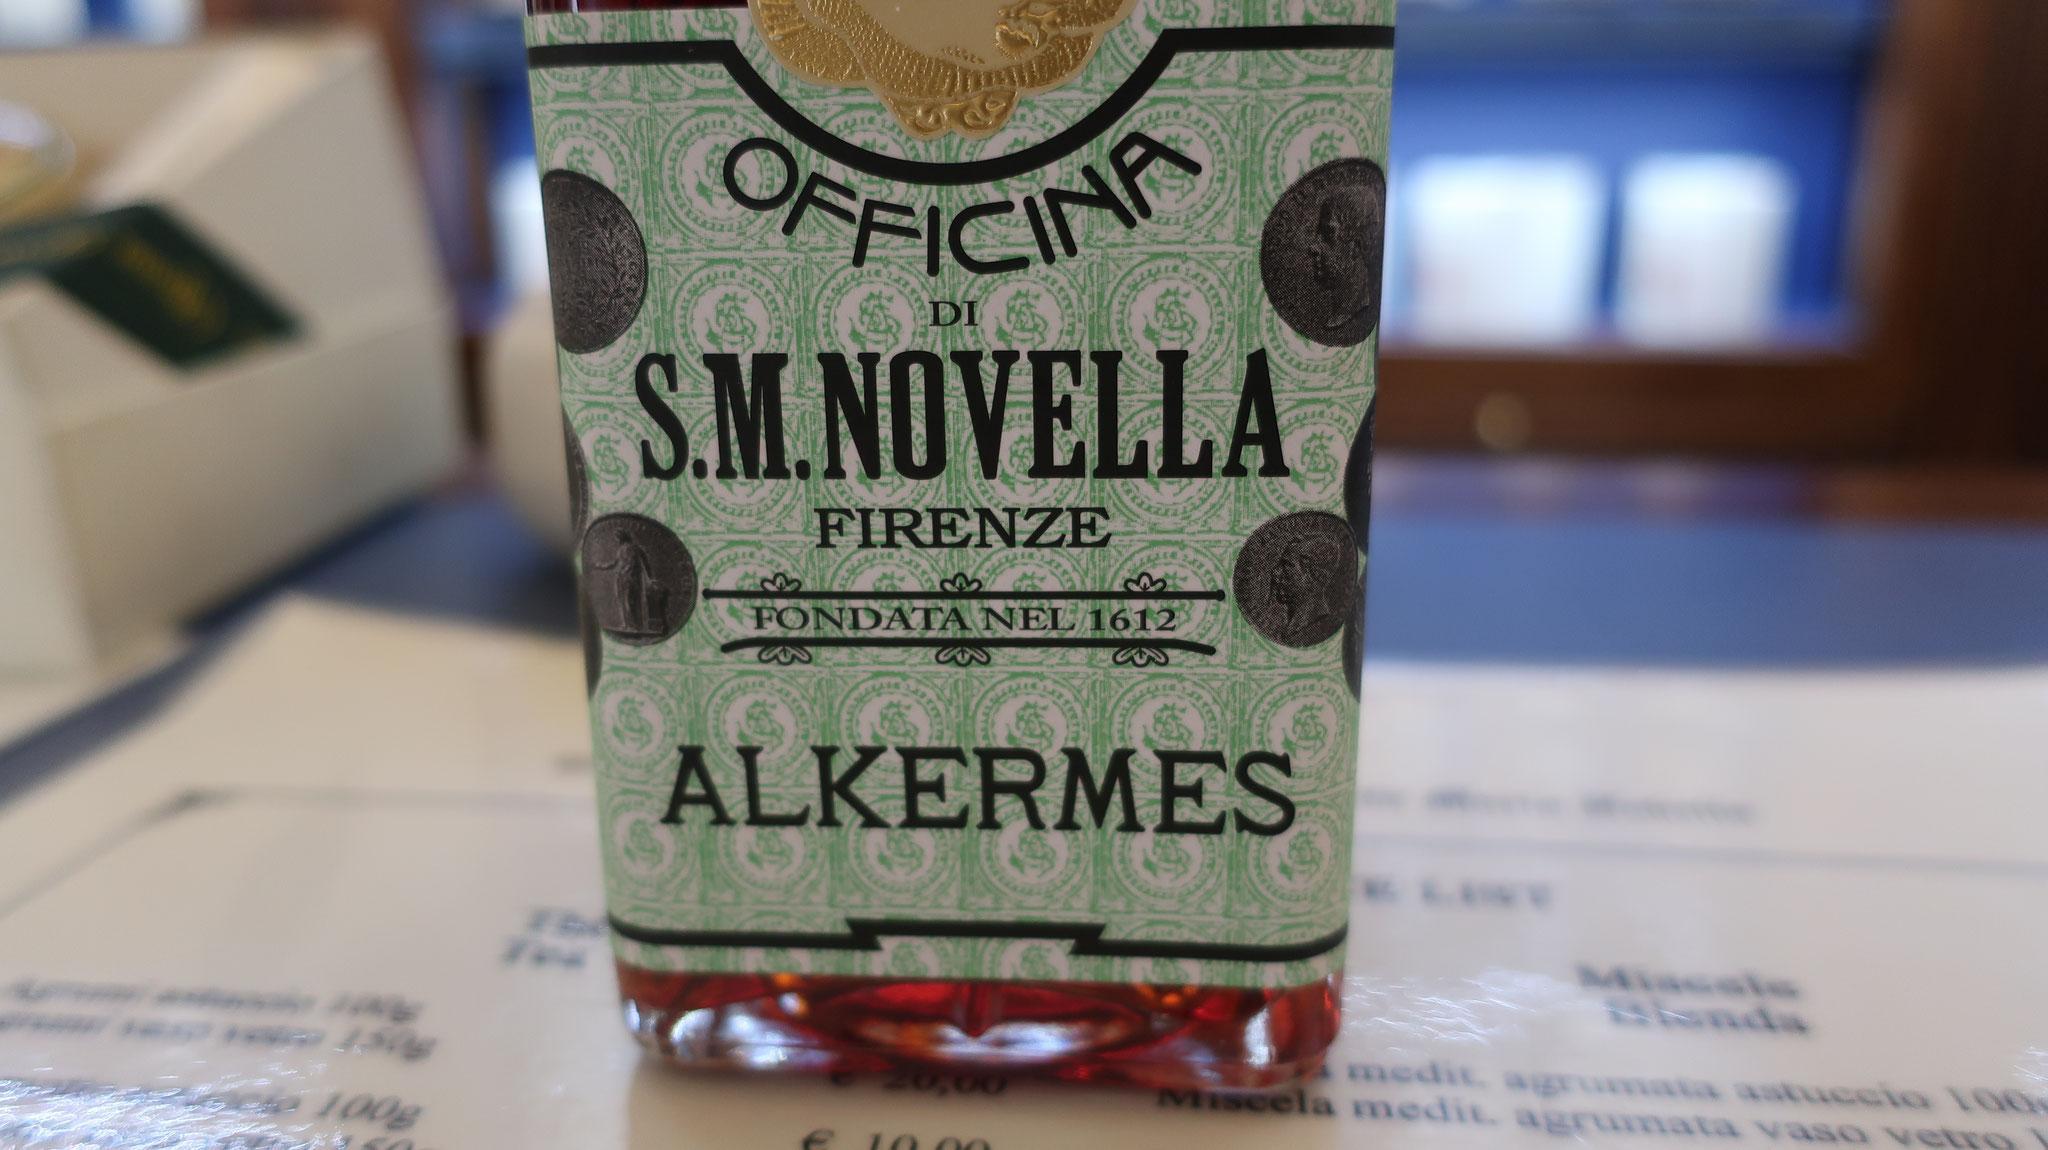 「アルケルメス」。 「えんじ虫」という、サボテンに生息する虫を煮出して作るリキュール。養命酒のような酒。